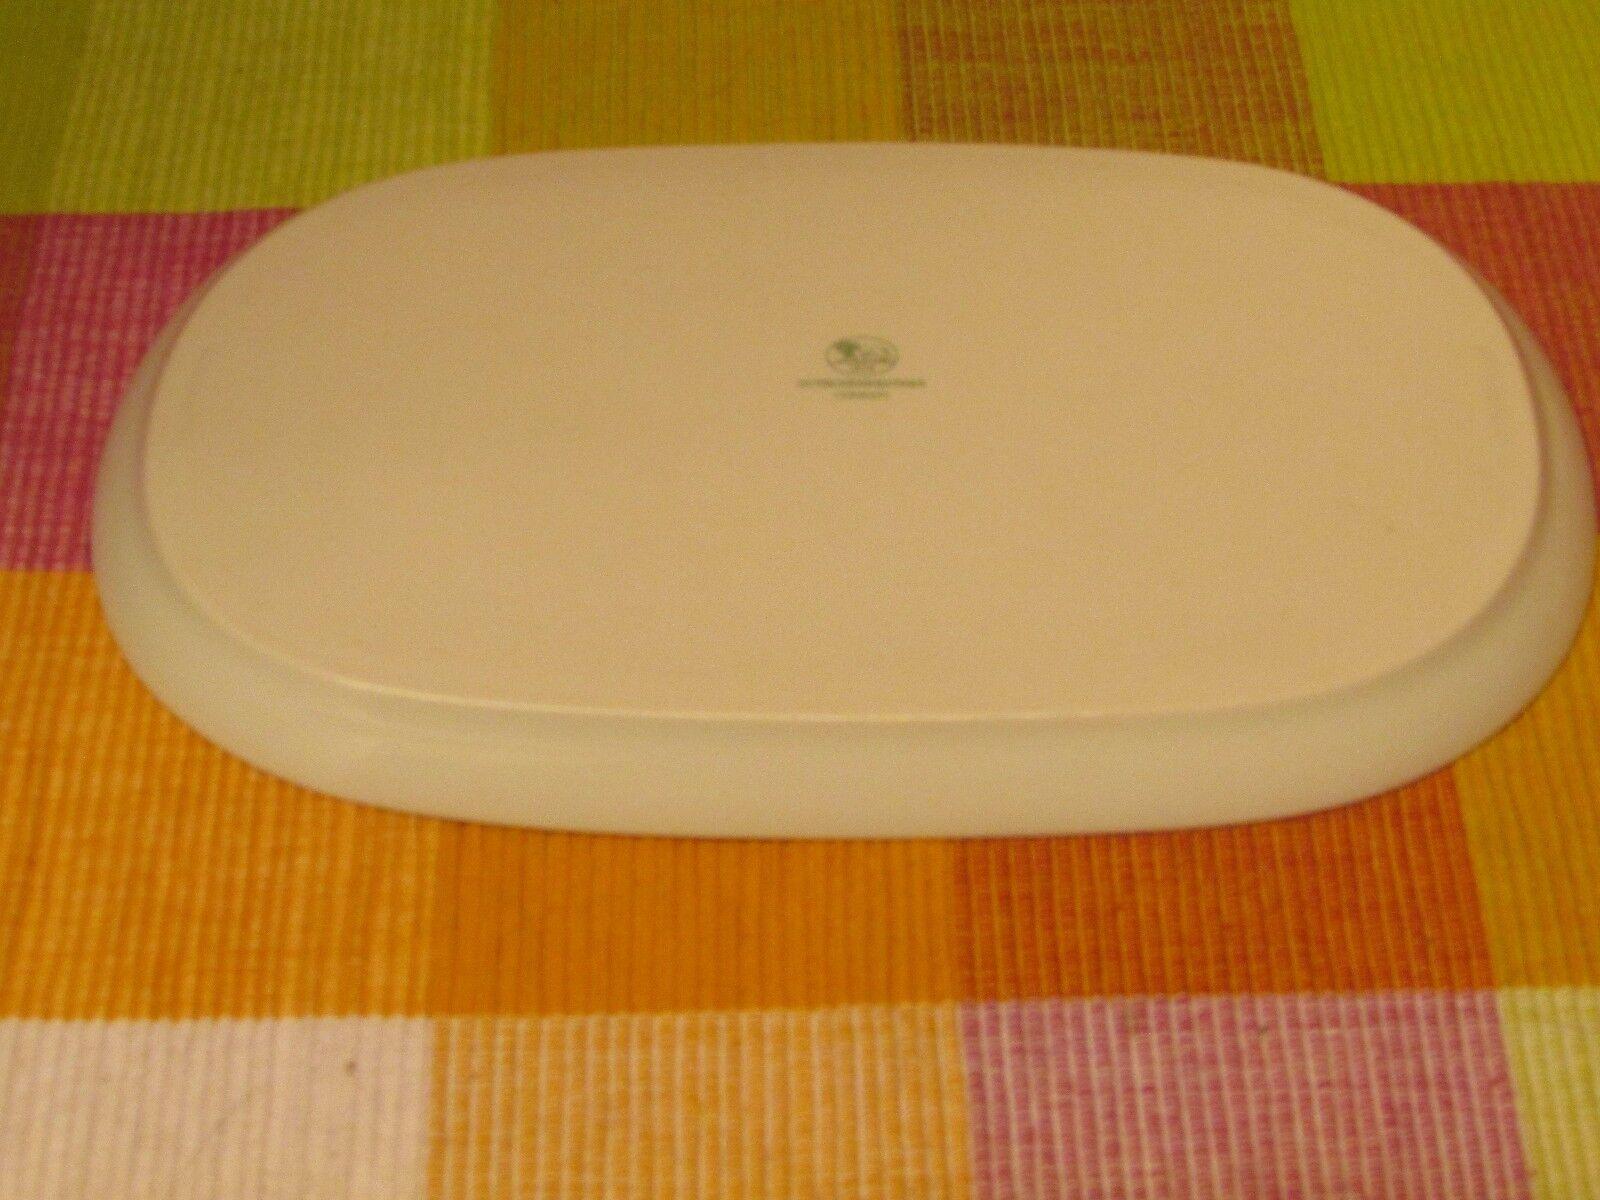 HUTSCHENREUTHER - - - LEONARD PARIS BOLOGNA - Platte   -Tablett  l=25cm | Praktisch Und Wirtschaftlich  01ca15